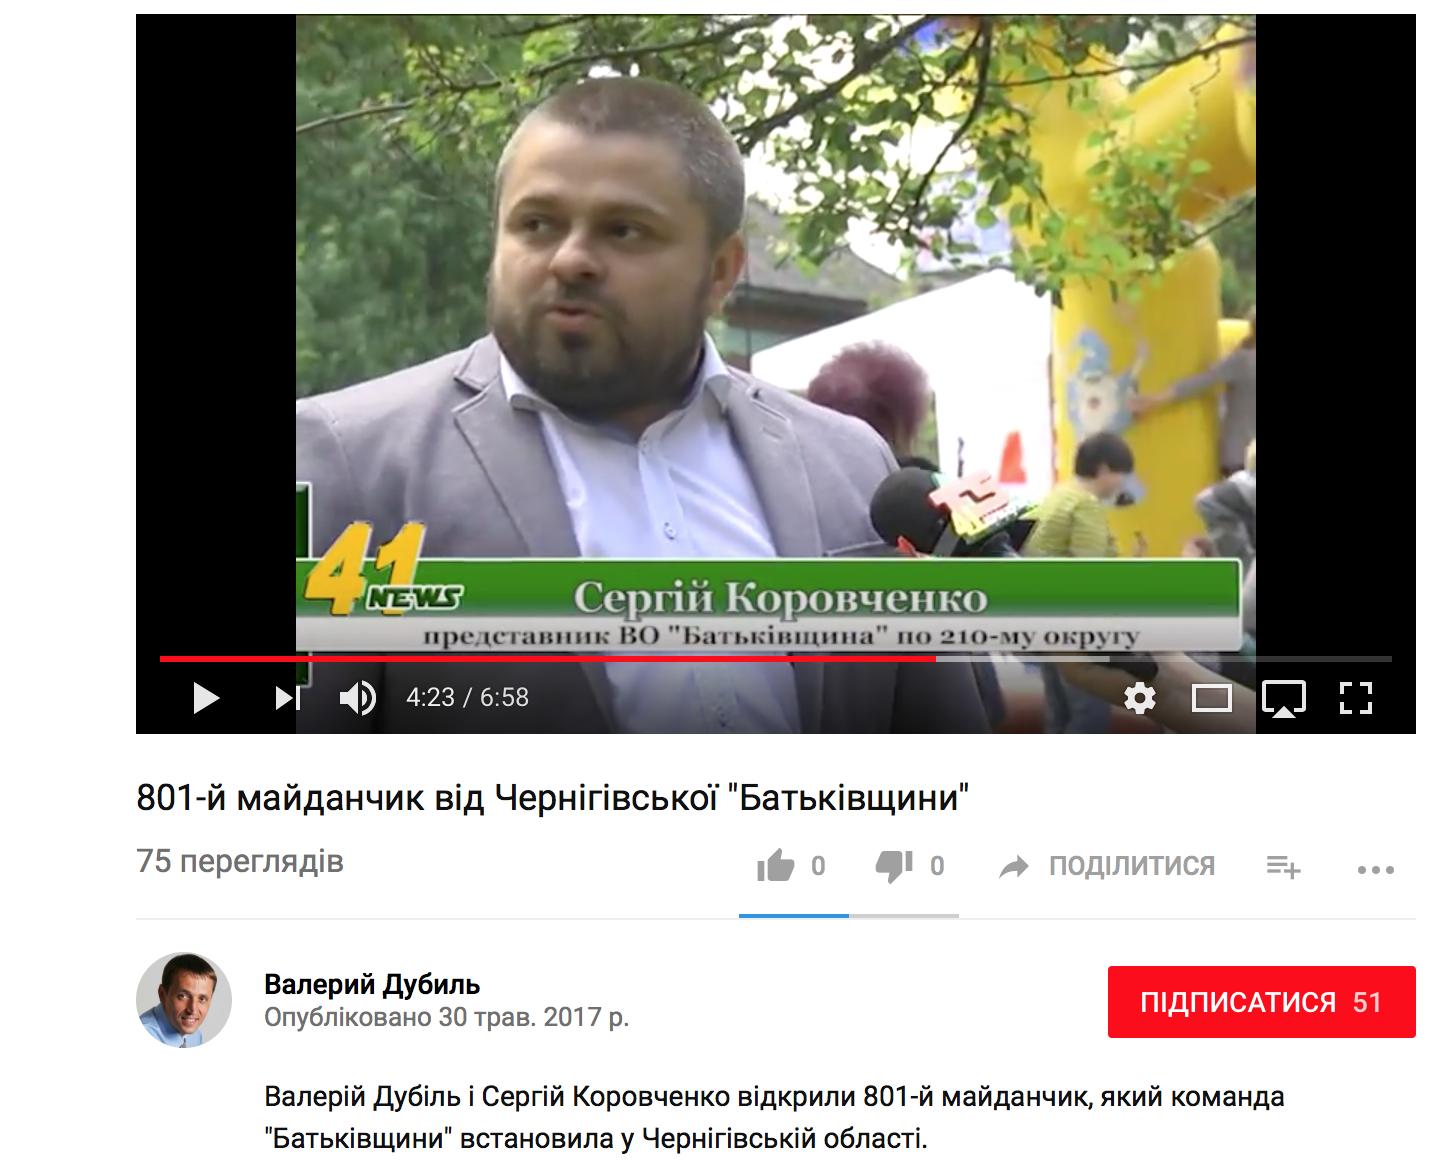 Сергей Коровченко делает карьеру под флагами Тимошенко